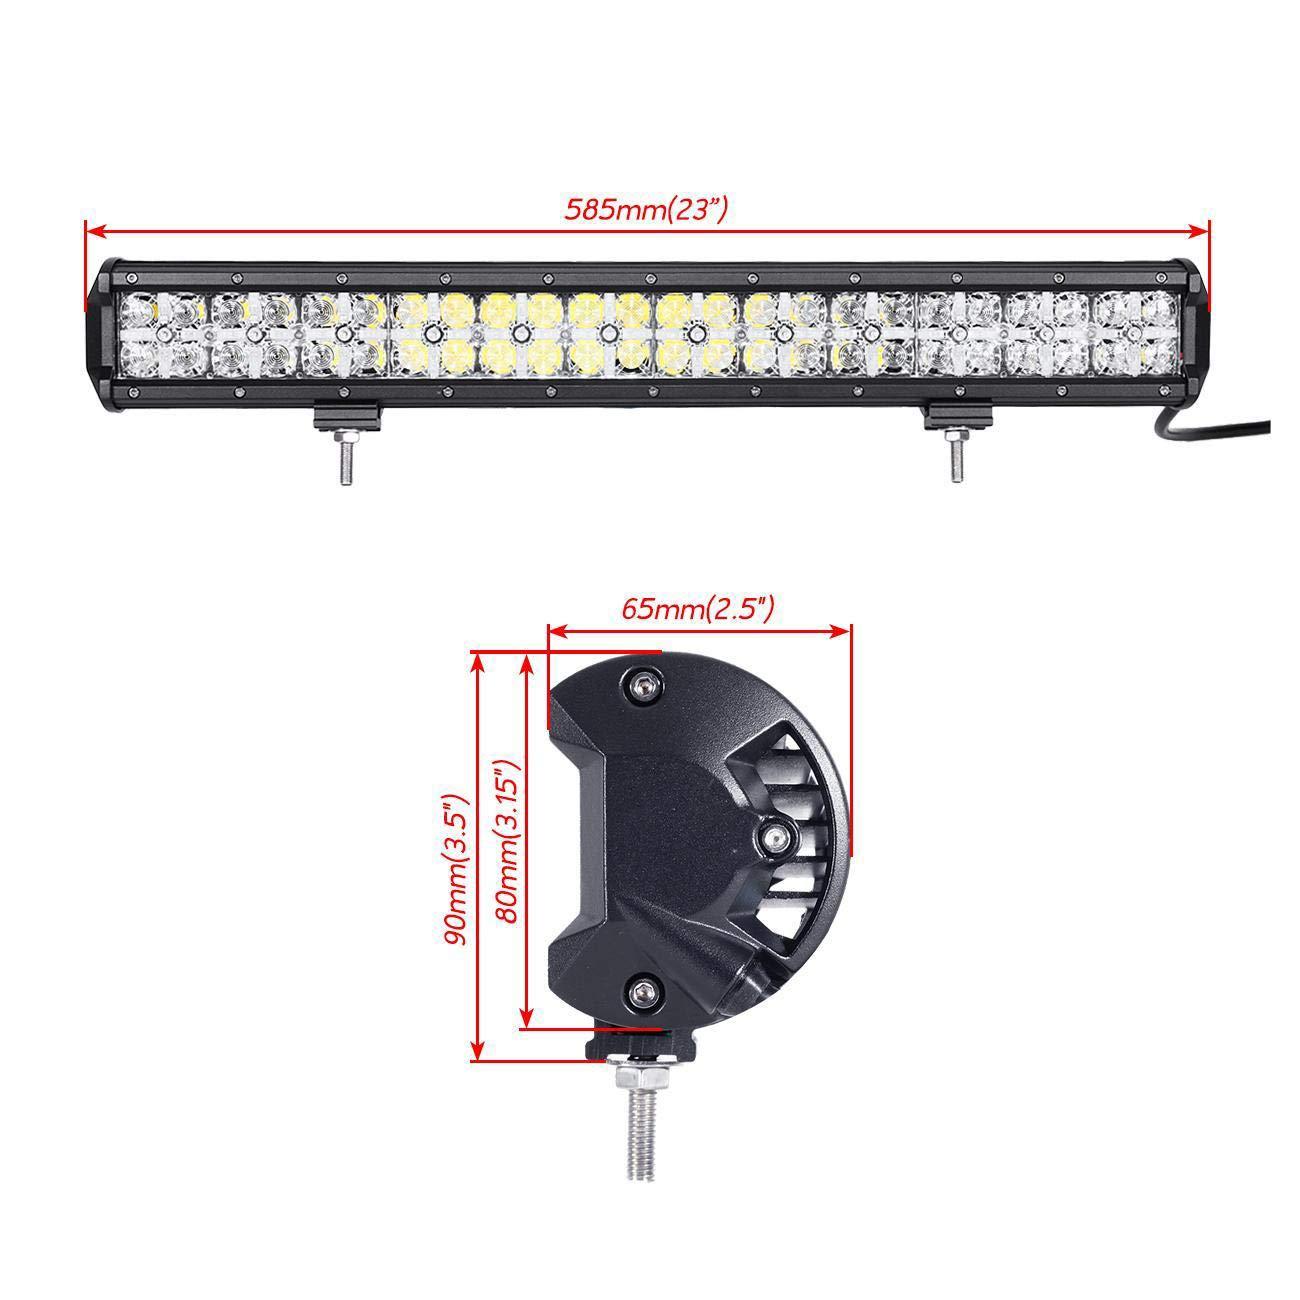 Punktstrahlen 60/° (Floodlight-Modus) Mischlicht Kreuz Objektiv (Mit Tagfahrlicht) Auxbeam LED Arbeitsleuchte BM01E Dual Row LED Lang Streifen Lampe 144W 30/°